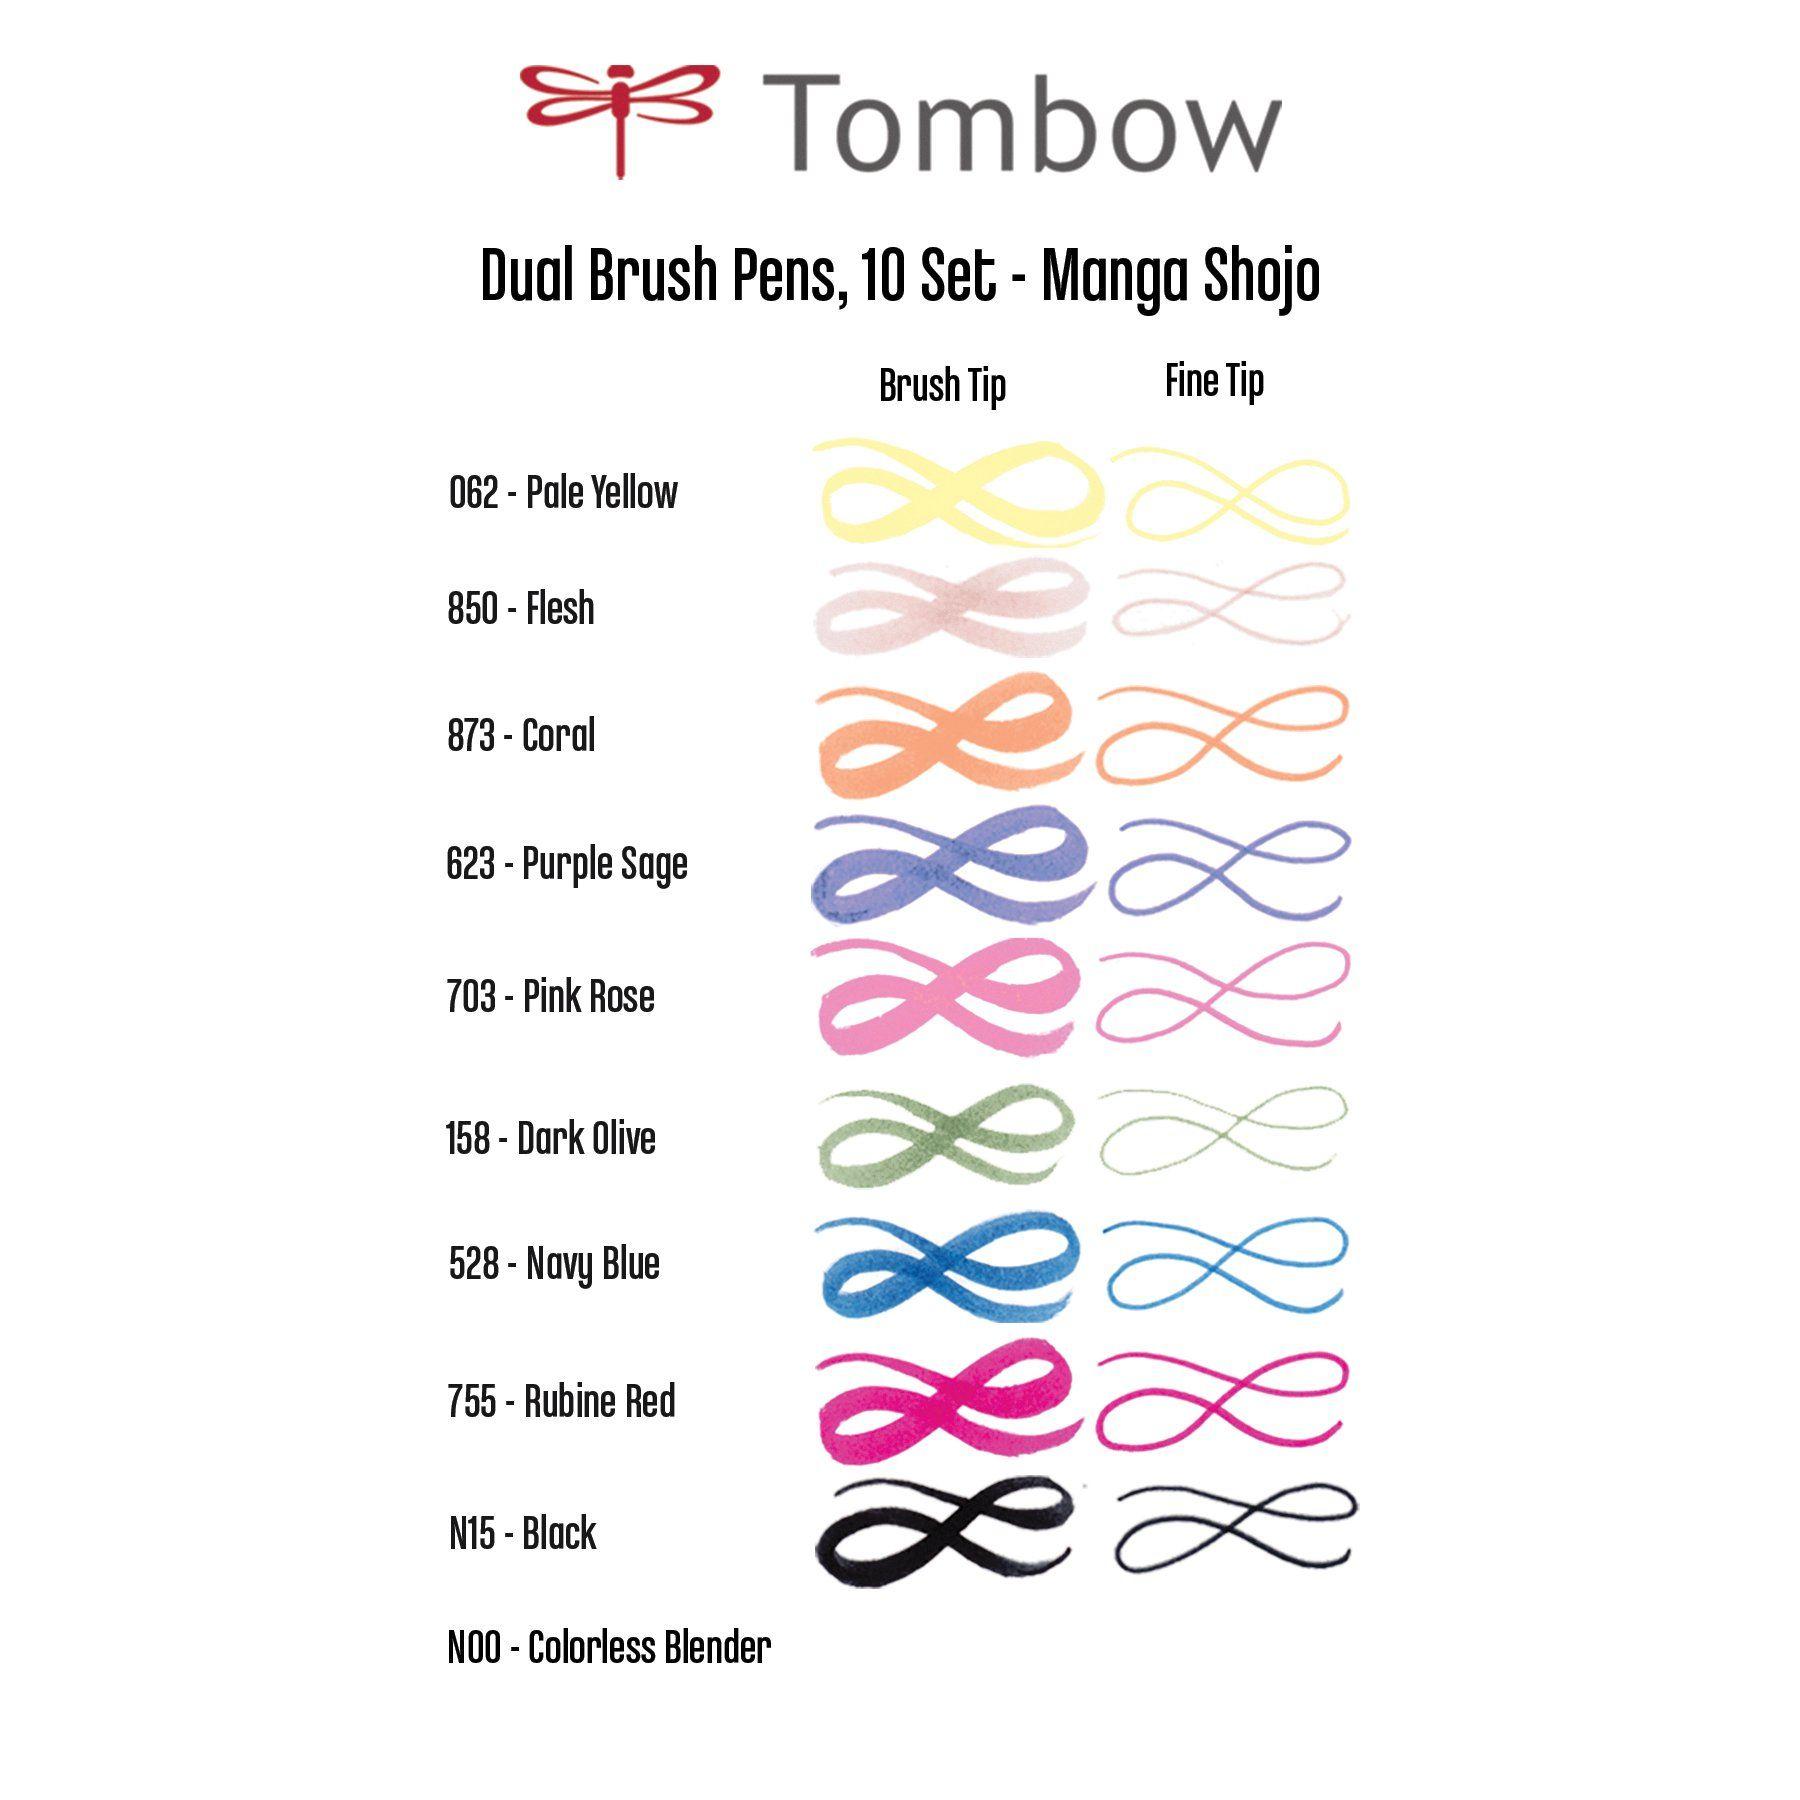 Manga Shojo Set of 10 Tombow ABT Dual Brush Pen